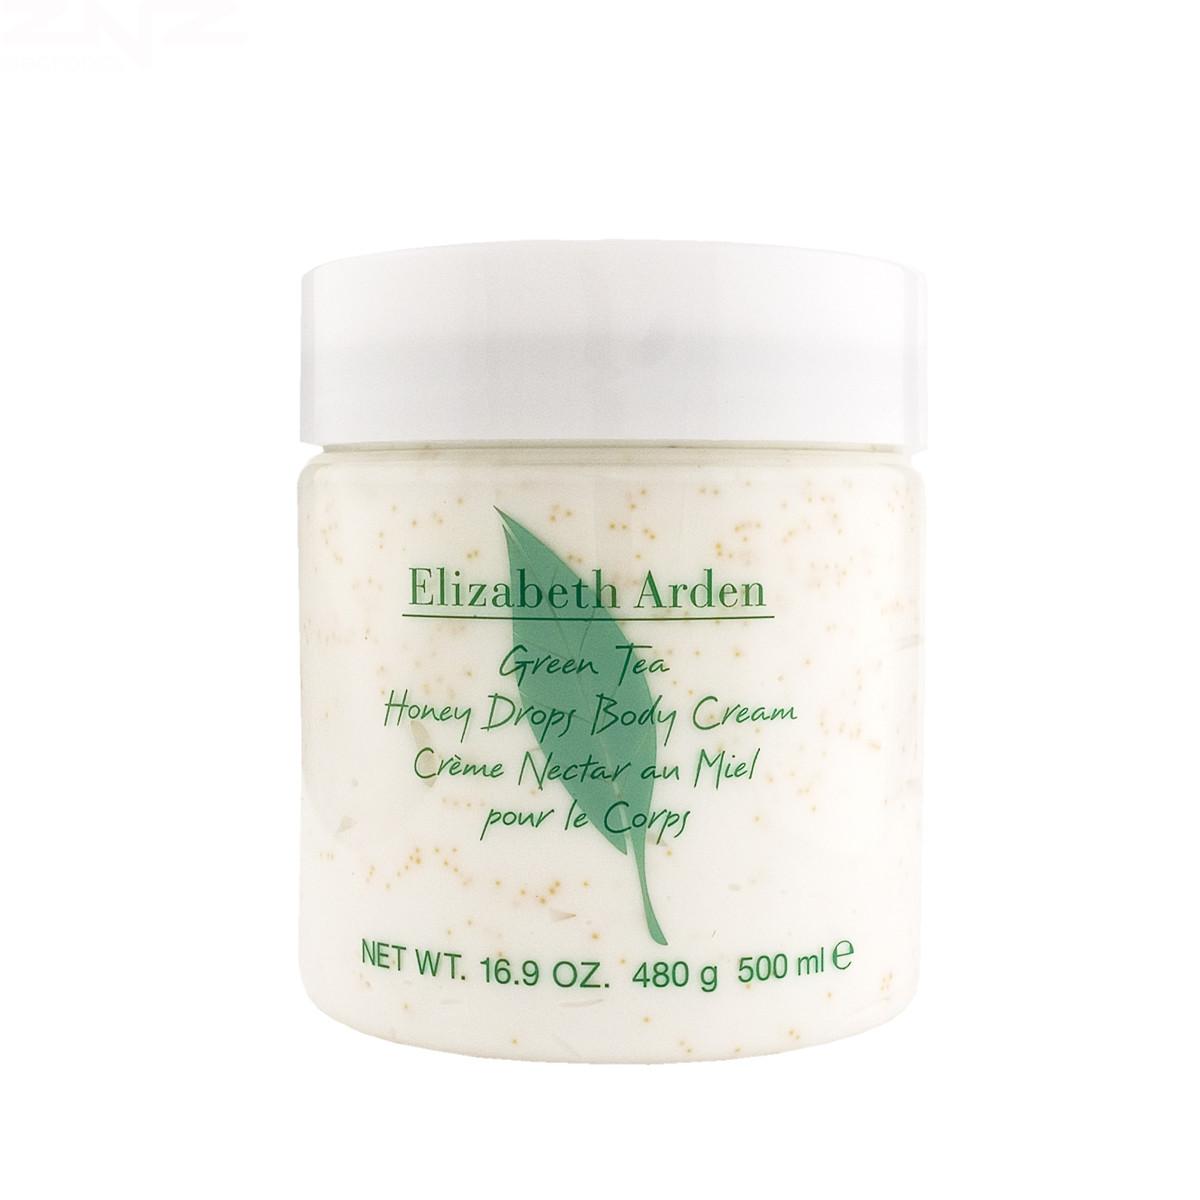 Elizabeth Arden Green Tea Honey Drops Body Cream - 500 ml